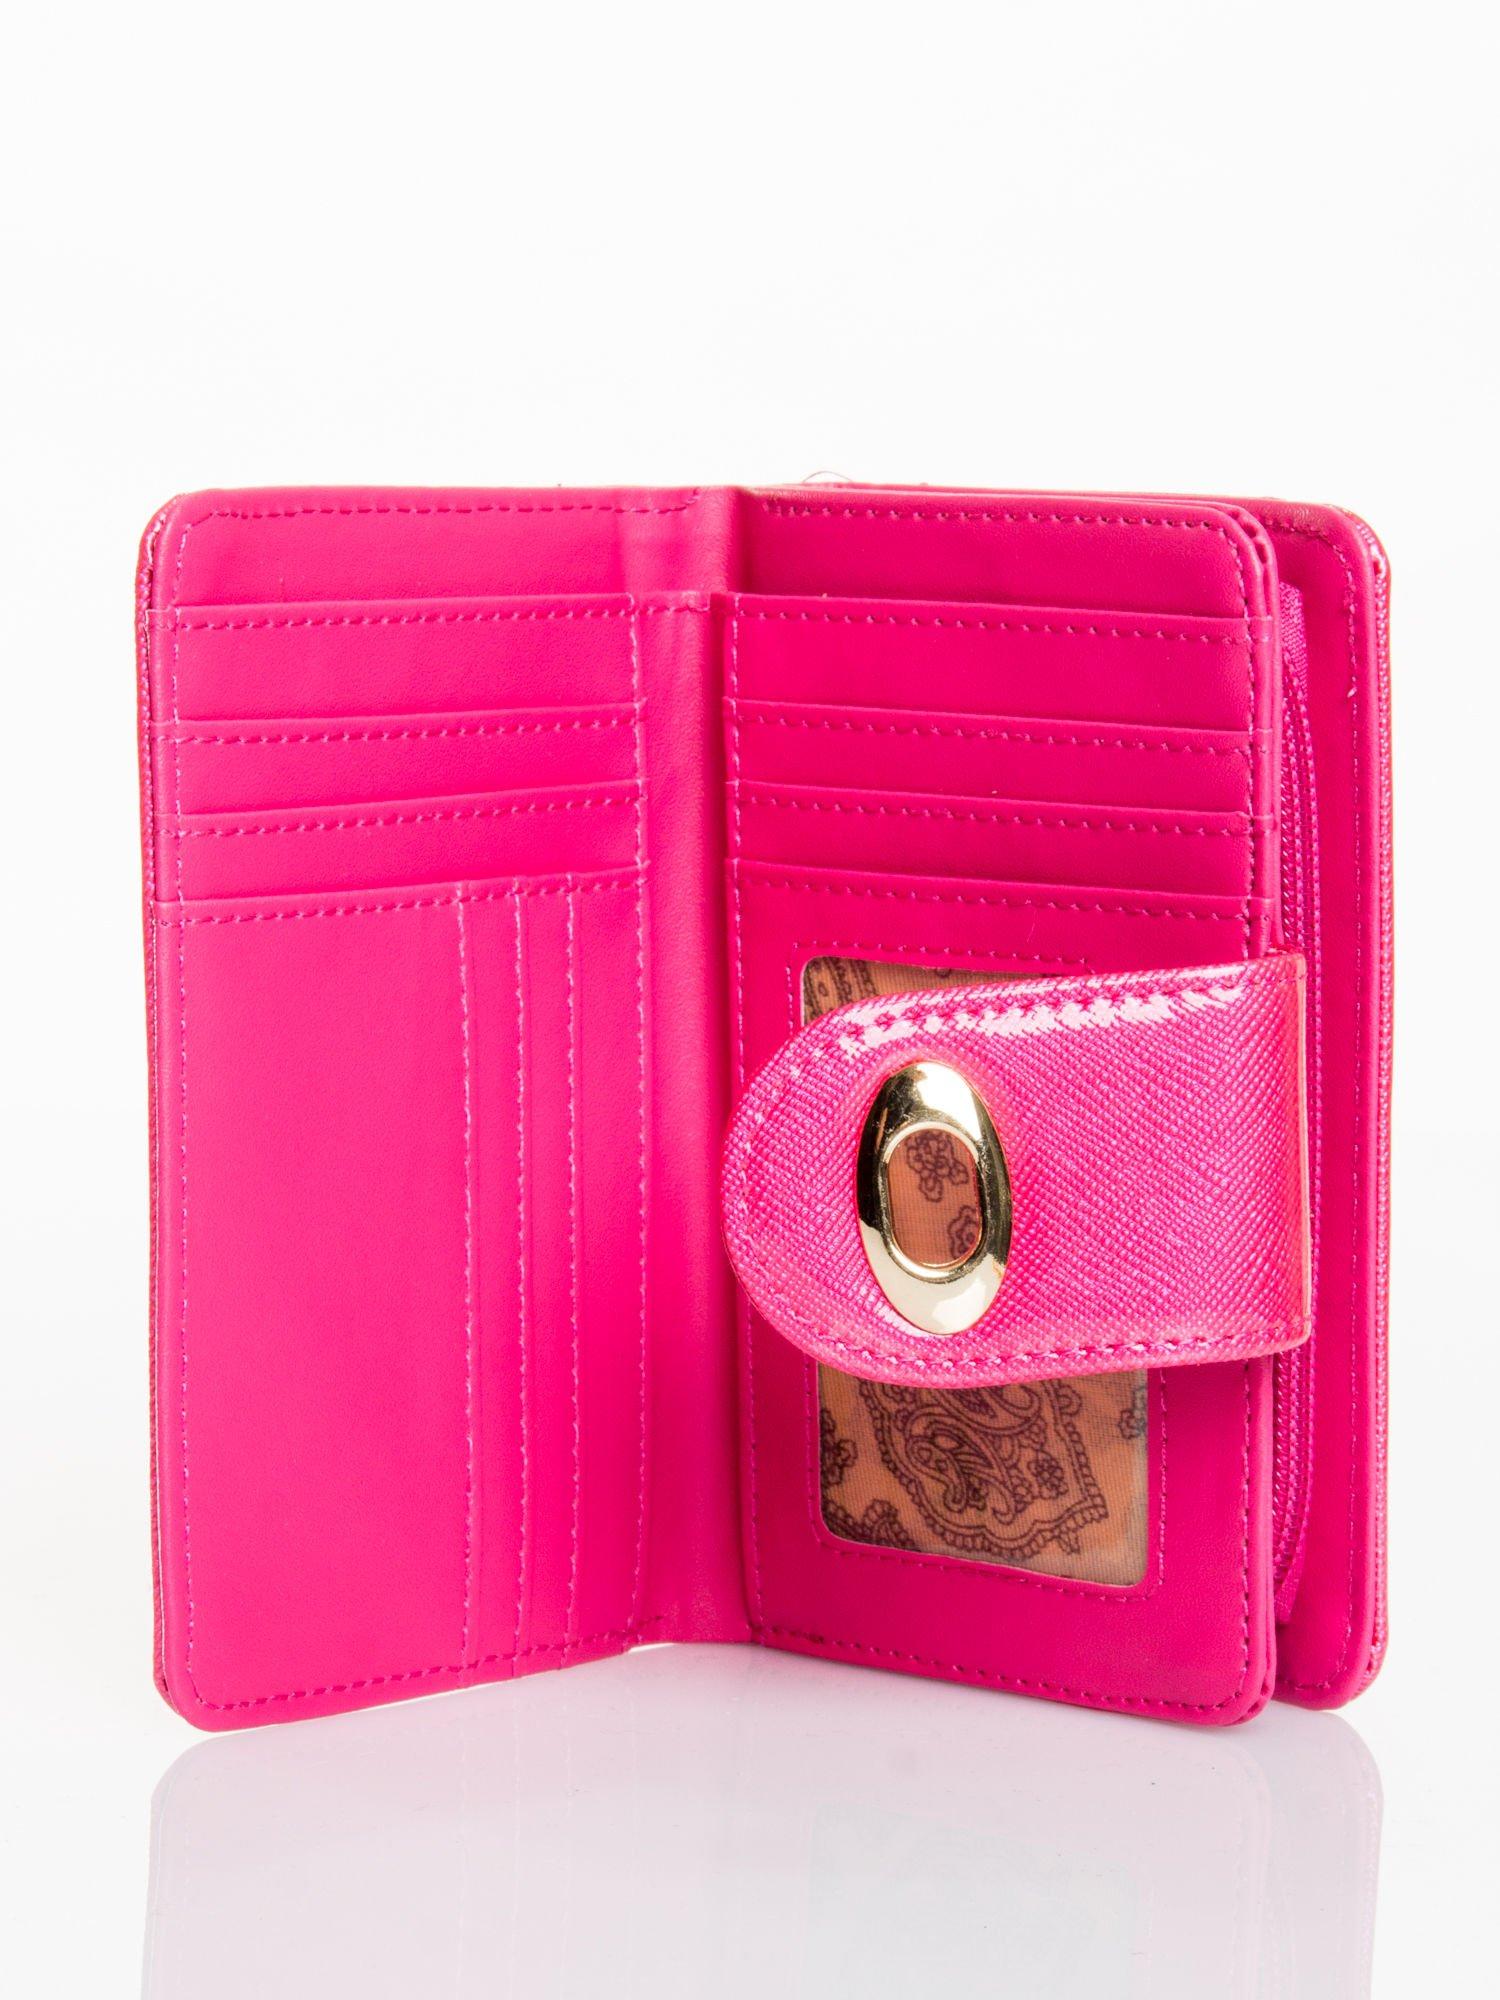 Różowy portfel ze złotym zapięciem efekt skóry saffiano                                  zdj.                                  3